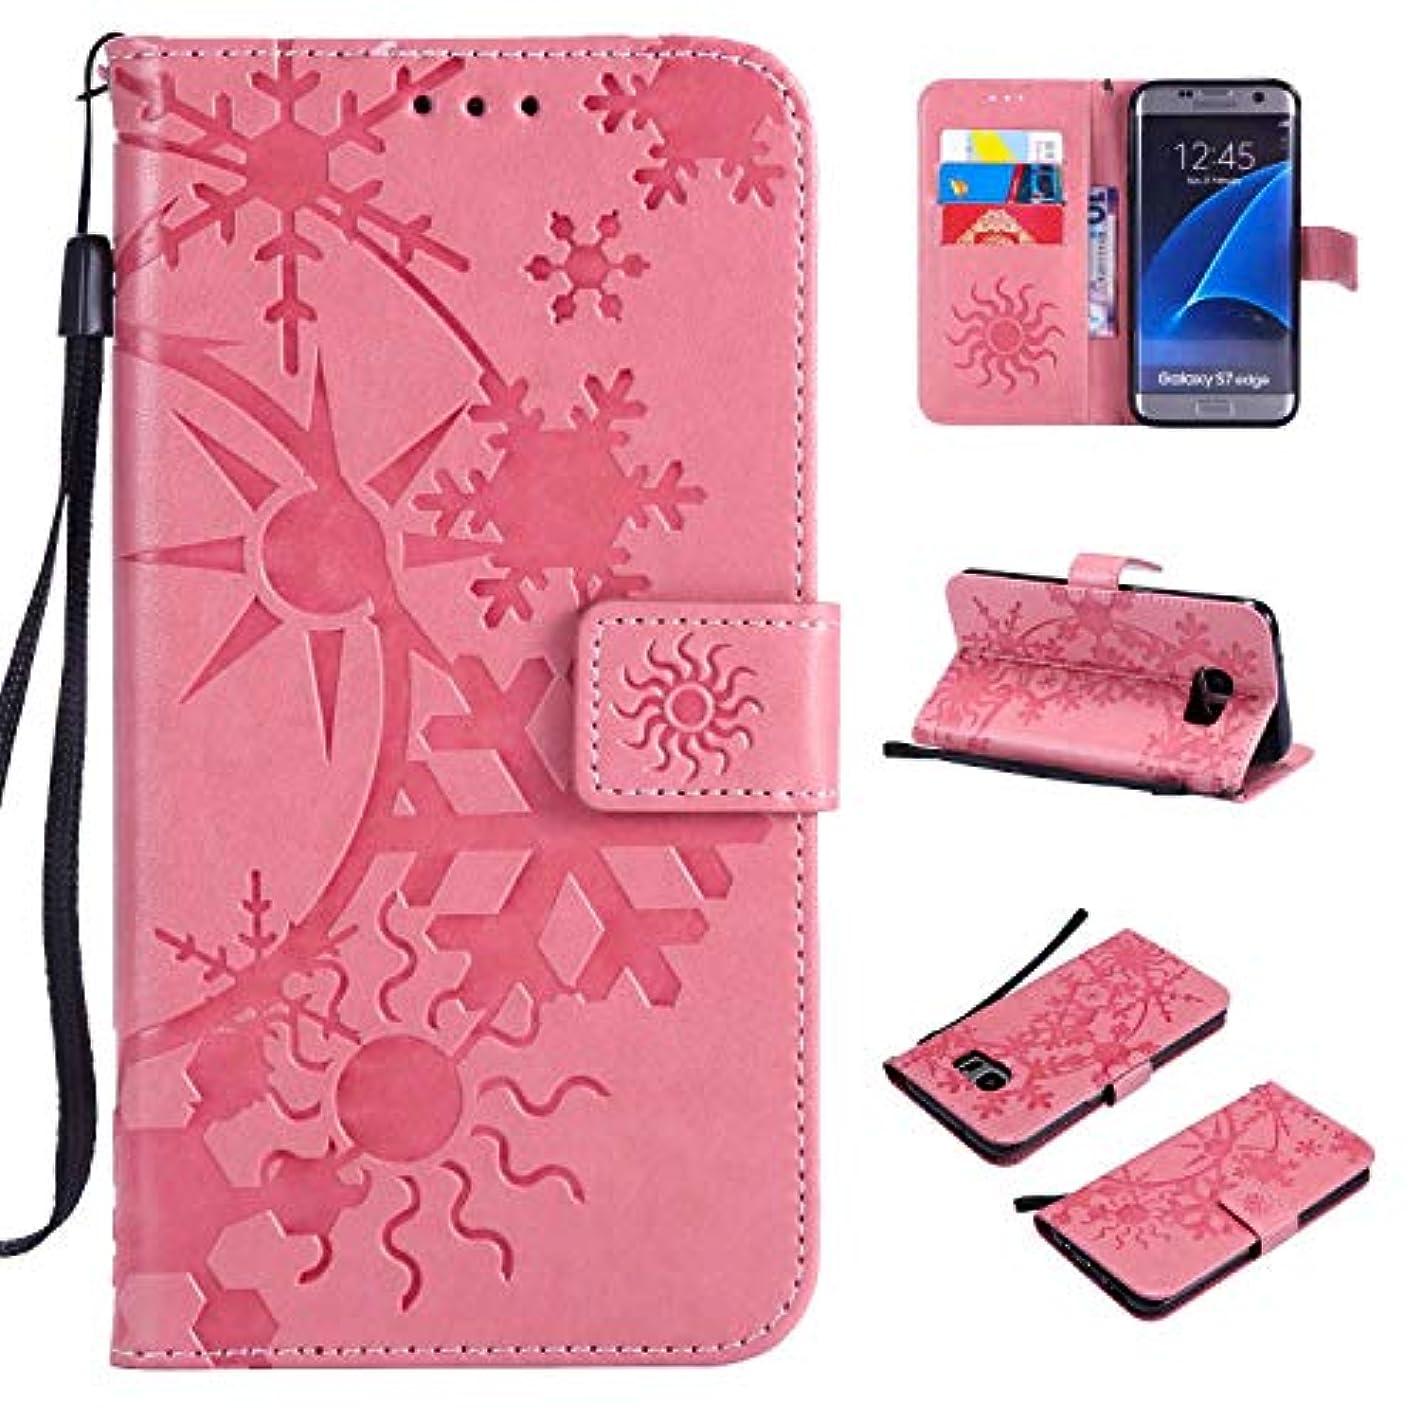 好色な優れたデッドGalaxy S7 Edge ケース CUSKING 手帳型 ケース ストラップ付き かわいい 財布 カバー カードポケット付き Samsung ギャラクシー S7 Edge マジックアレイ ケース - ピンク